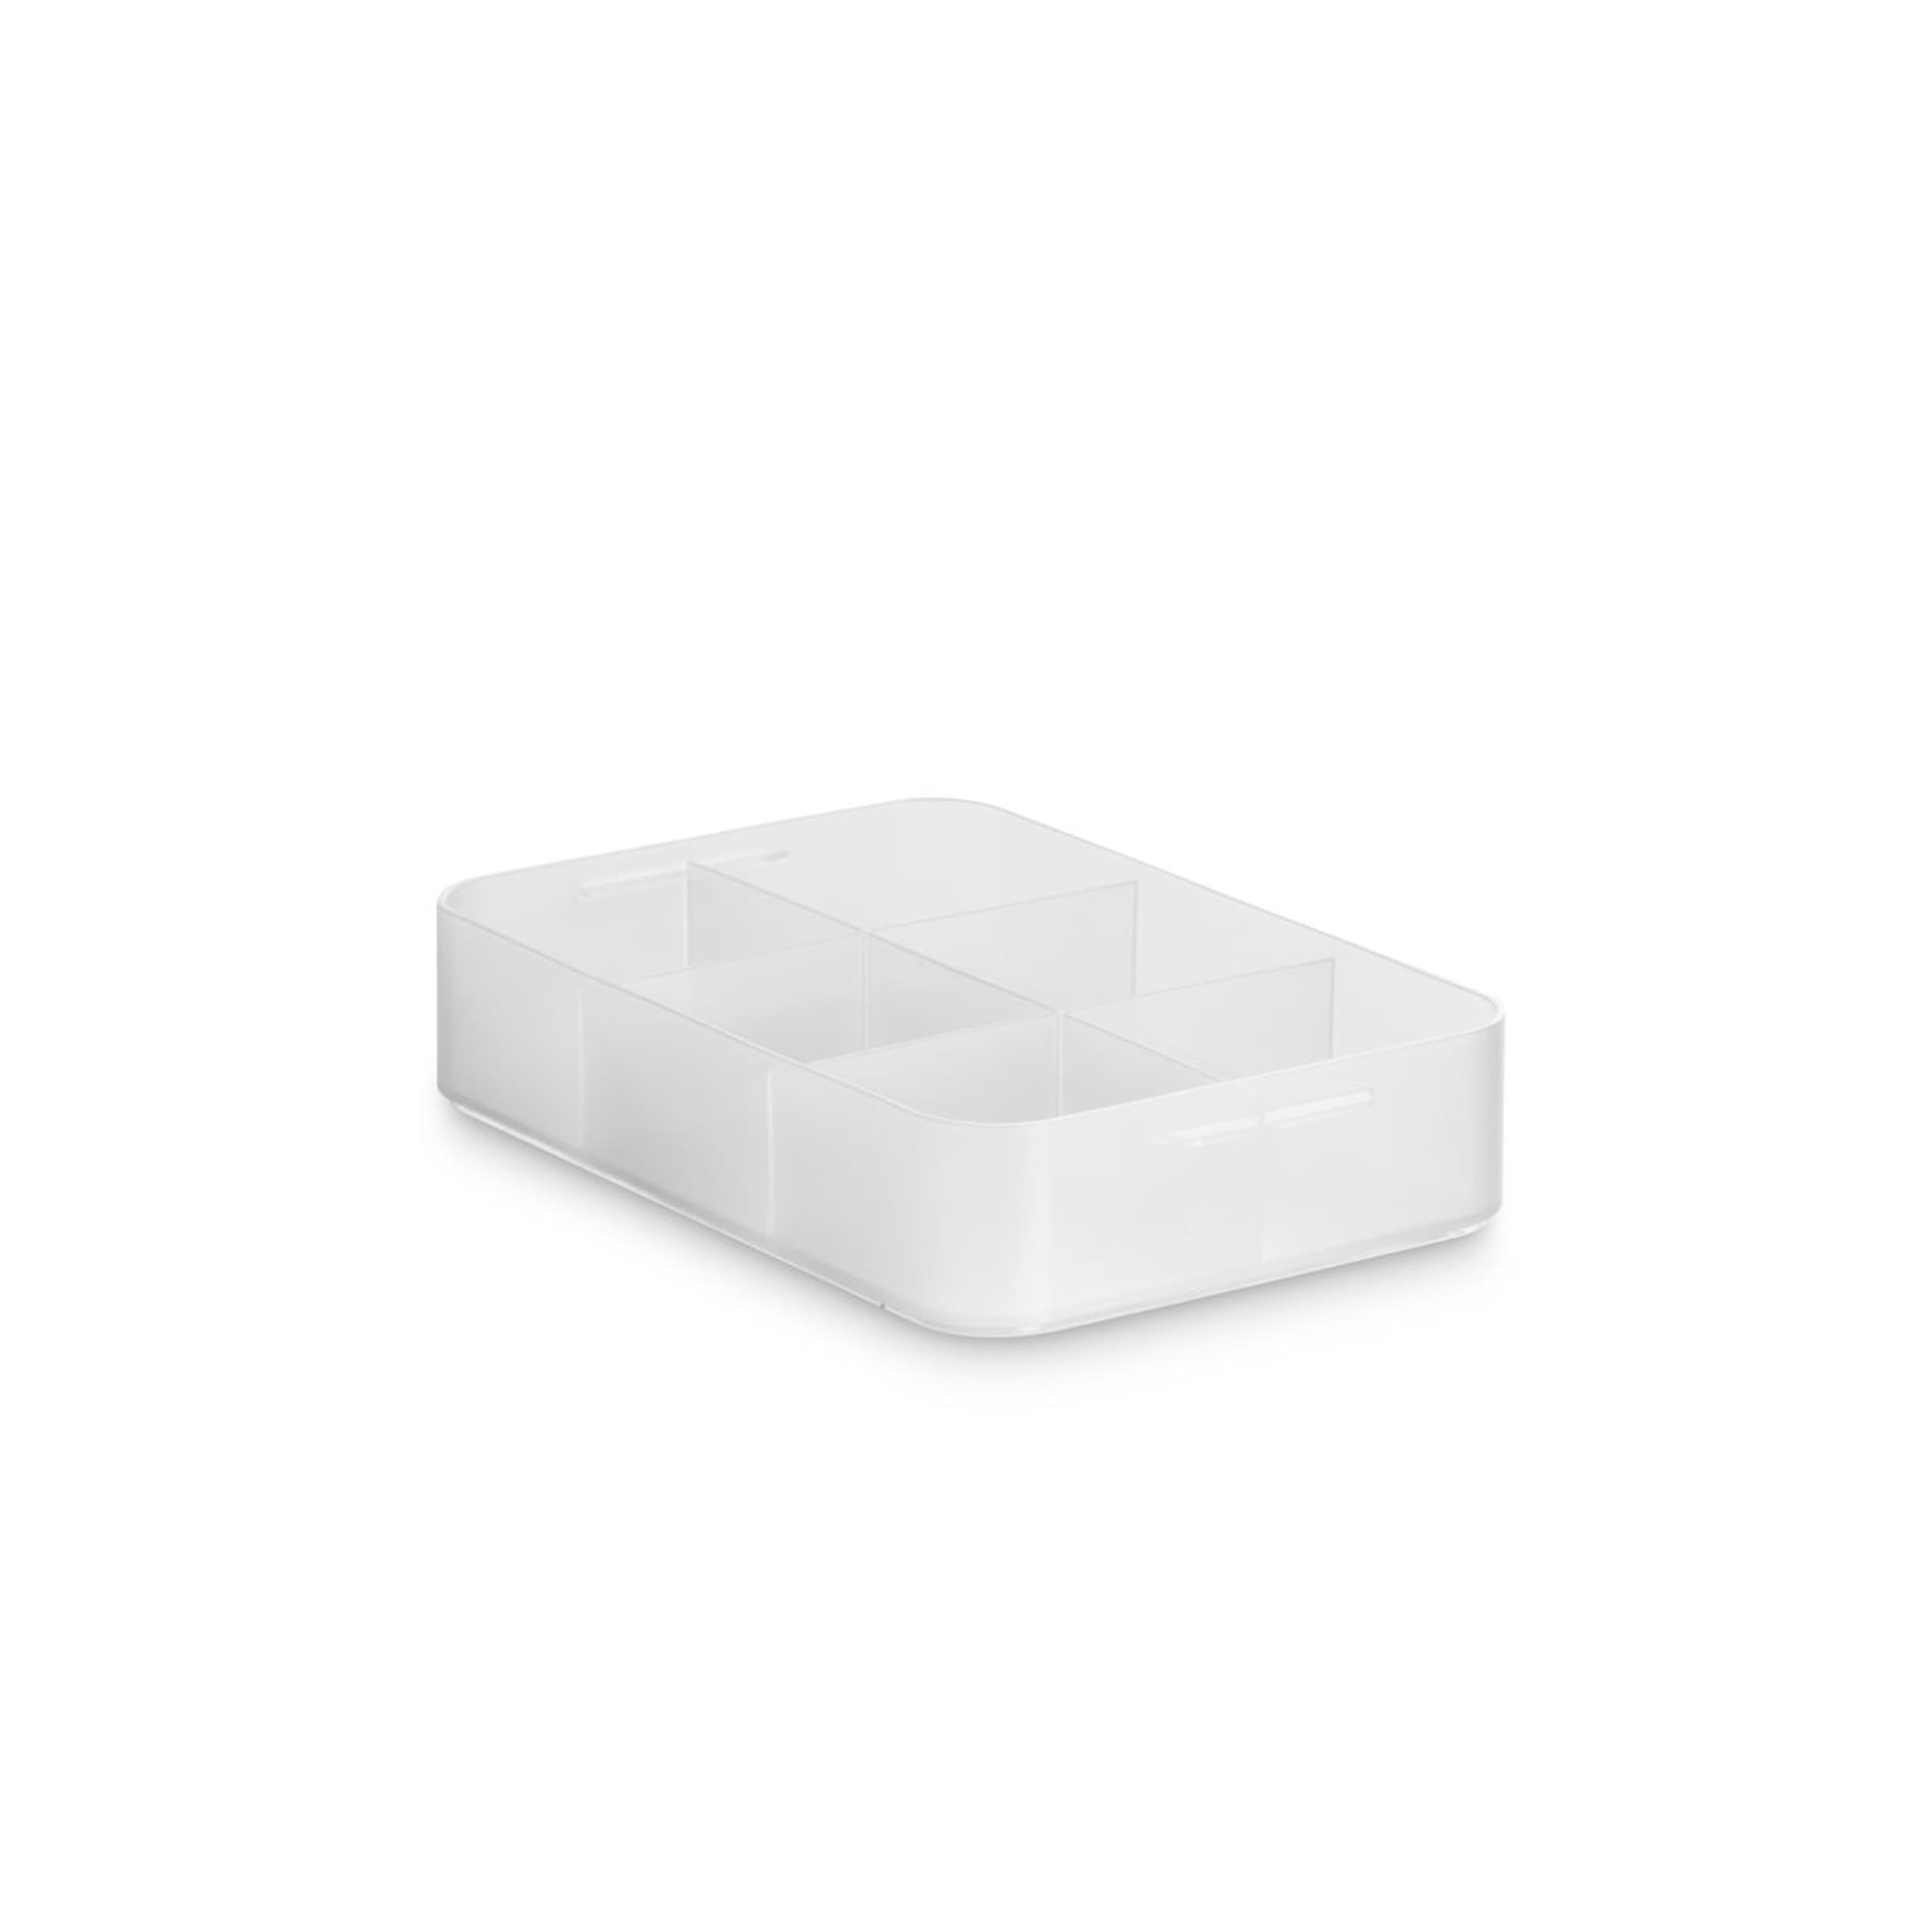 Image of Box mit Unterteilung PURE